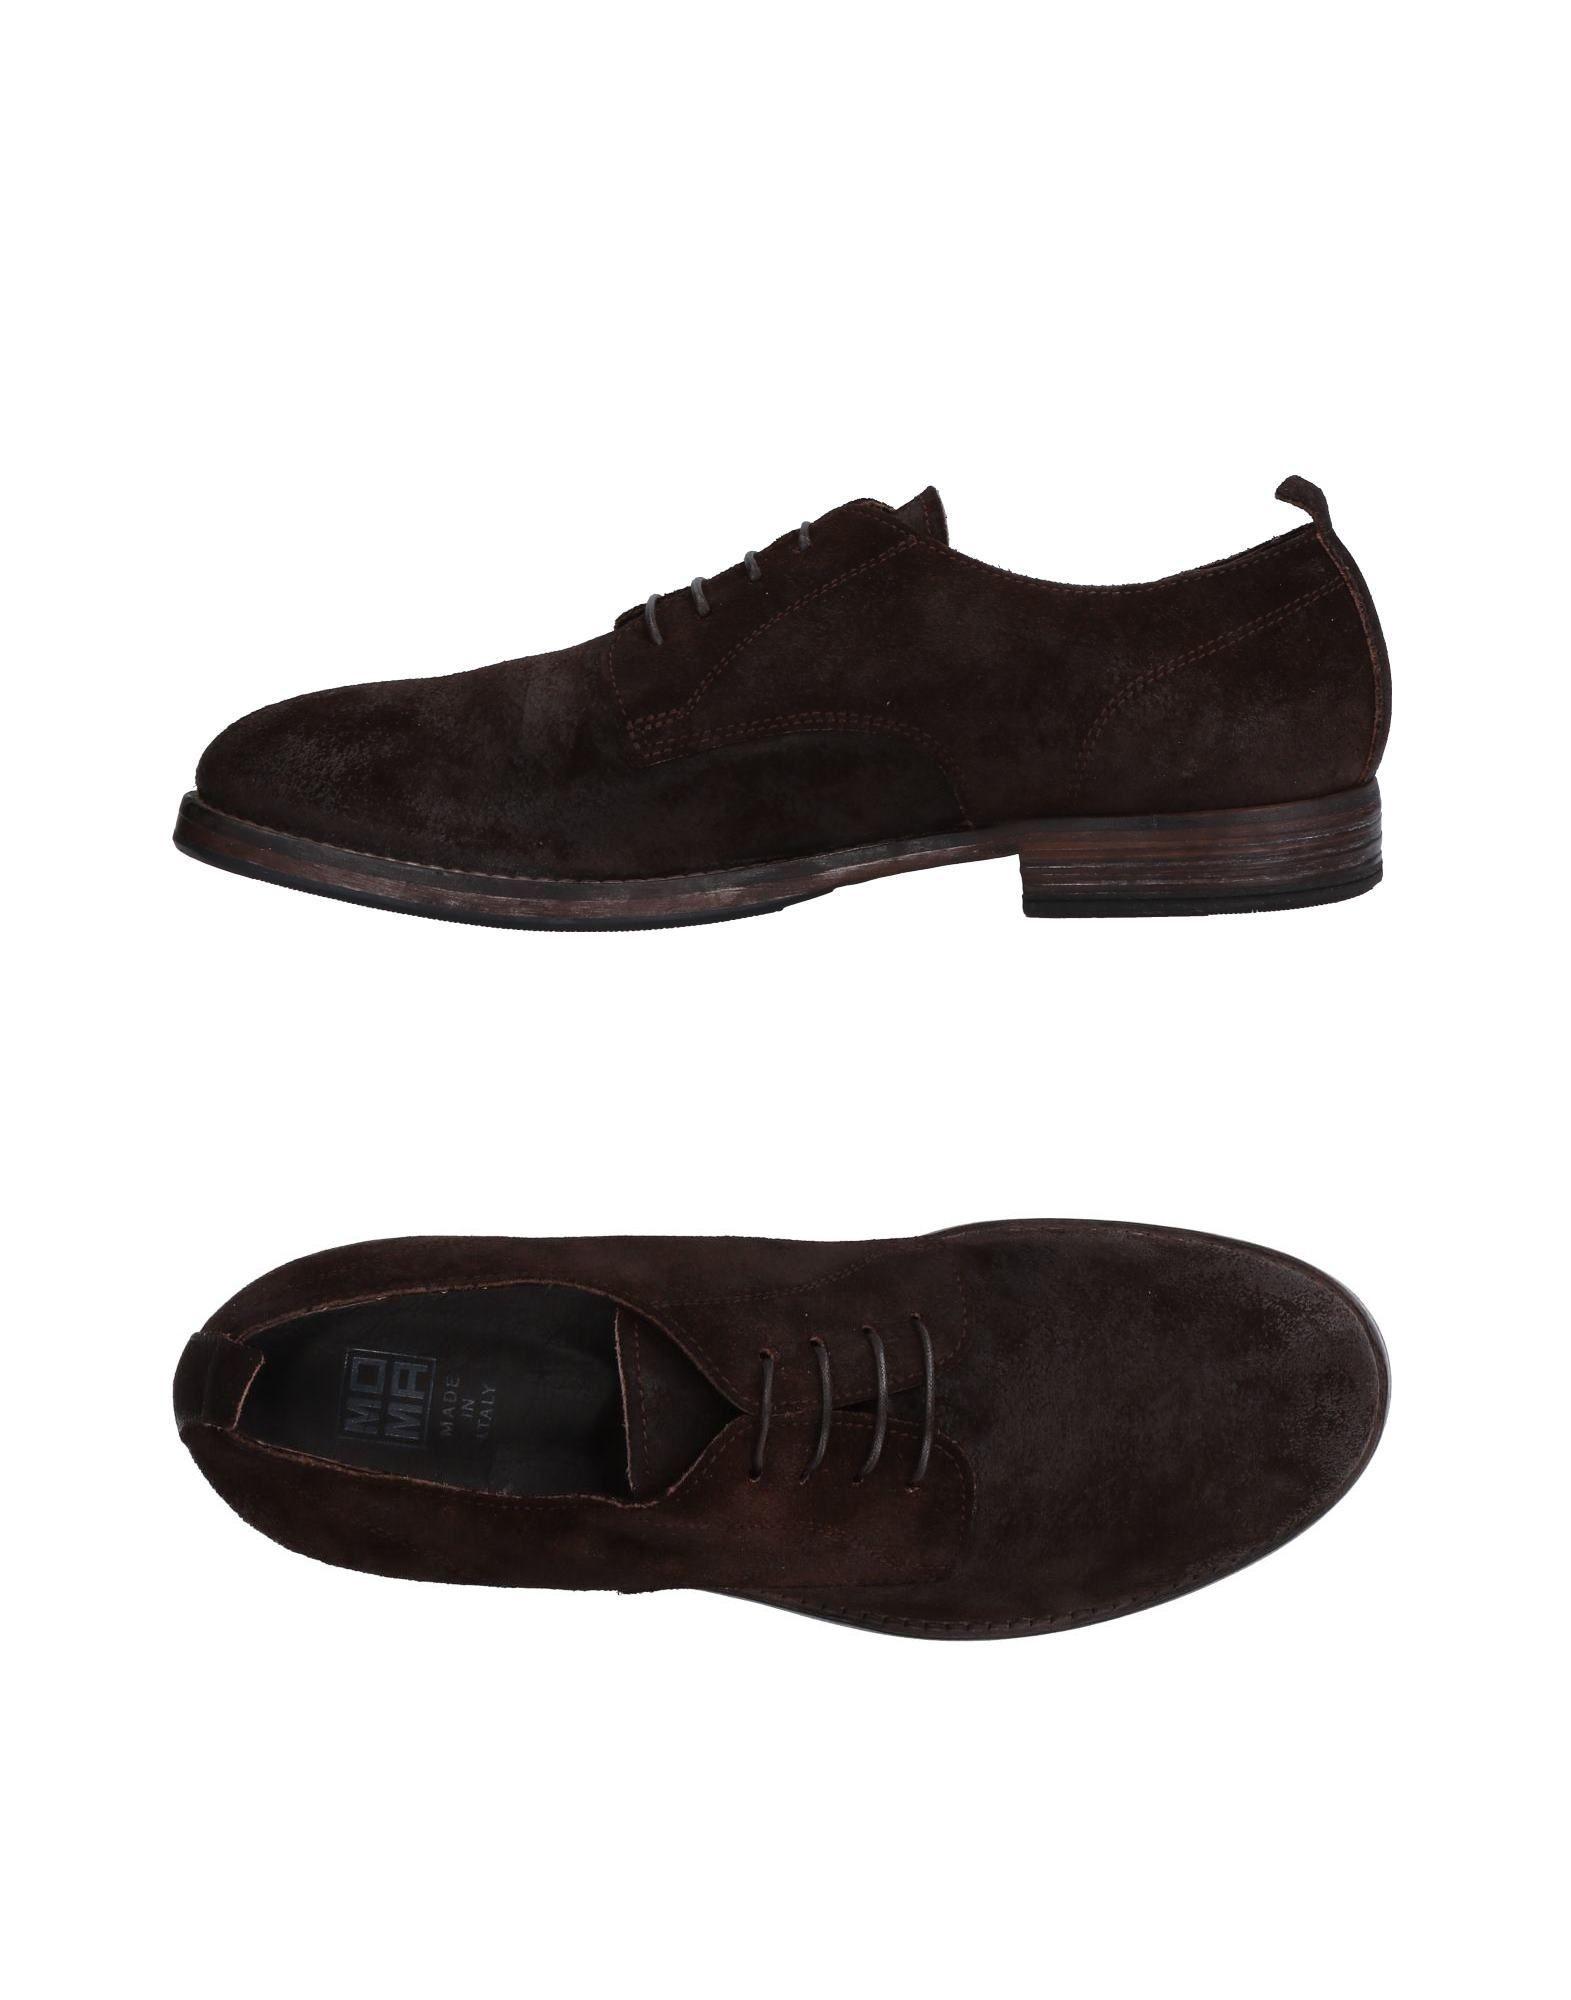 Moma Schnürschuhe Herren  11508665AQ Gute Qualität beliebte Schuhe